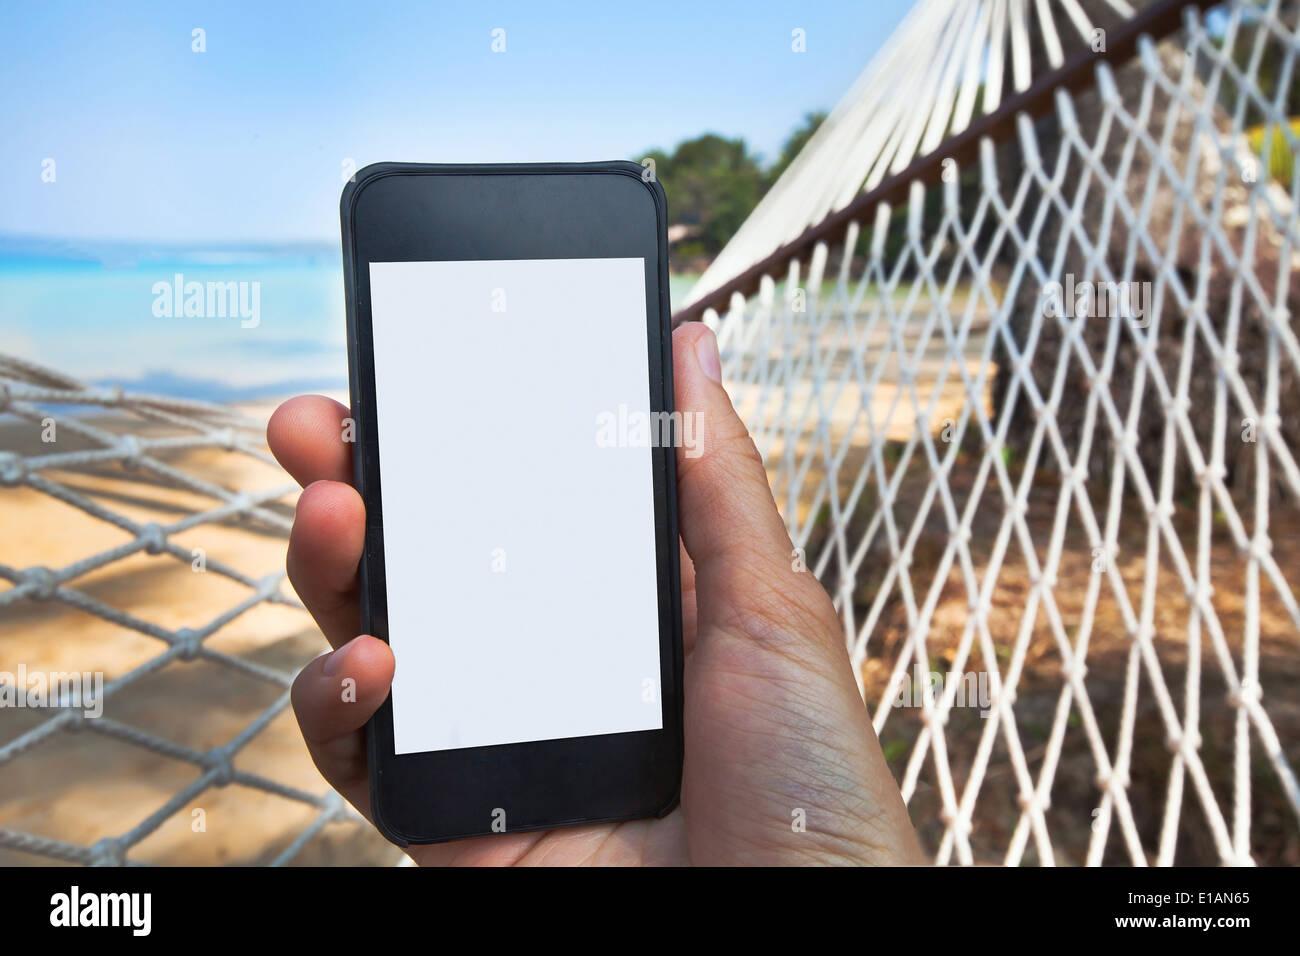 Hallo, ich bin Silko. Inzwischen habe ich sowohl mit Banken wie der Sparkasse und der Postbank als auch mit Online-Anbietern wie Azimo oder TransferWise Geld ins Ausland überwiesen und meine Erfahrungen auf dieser Seite dokumentiert.